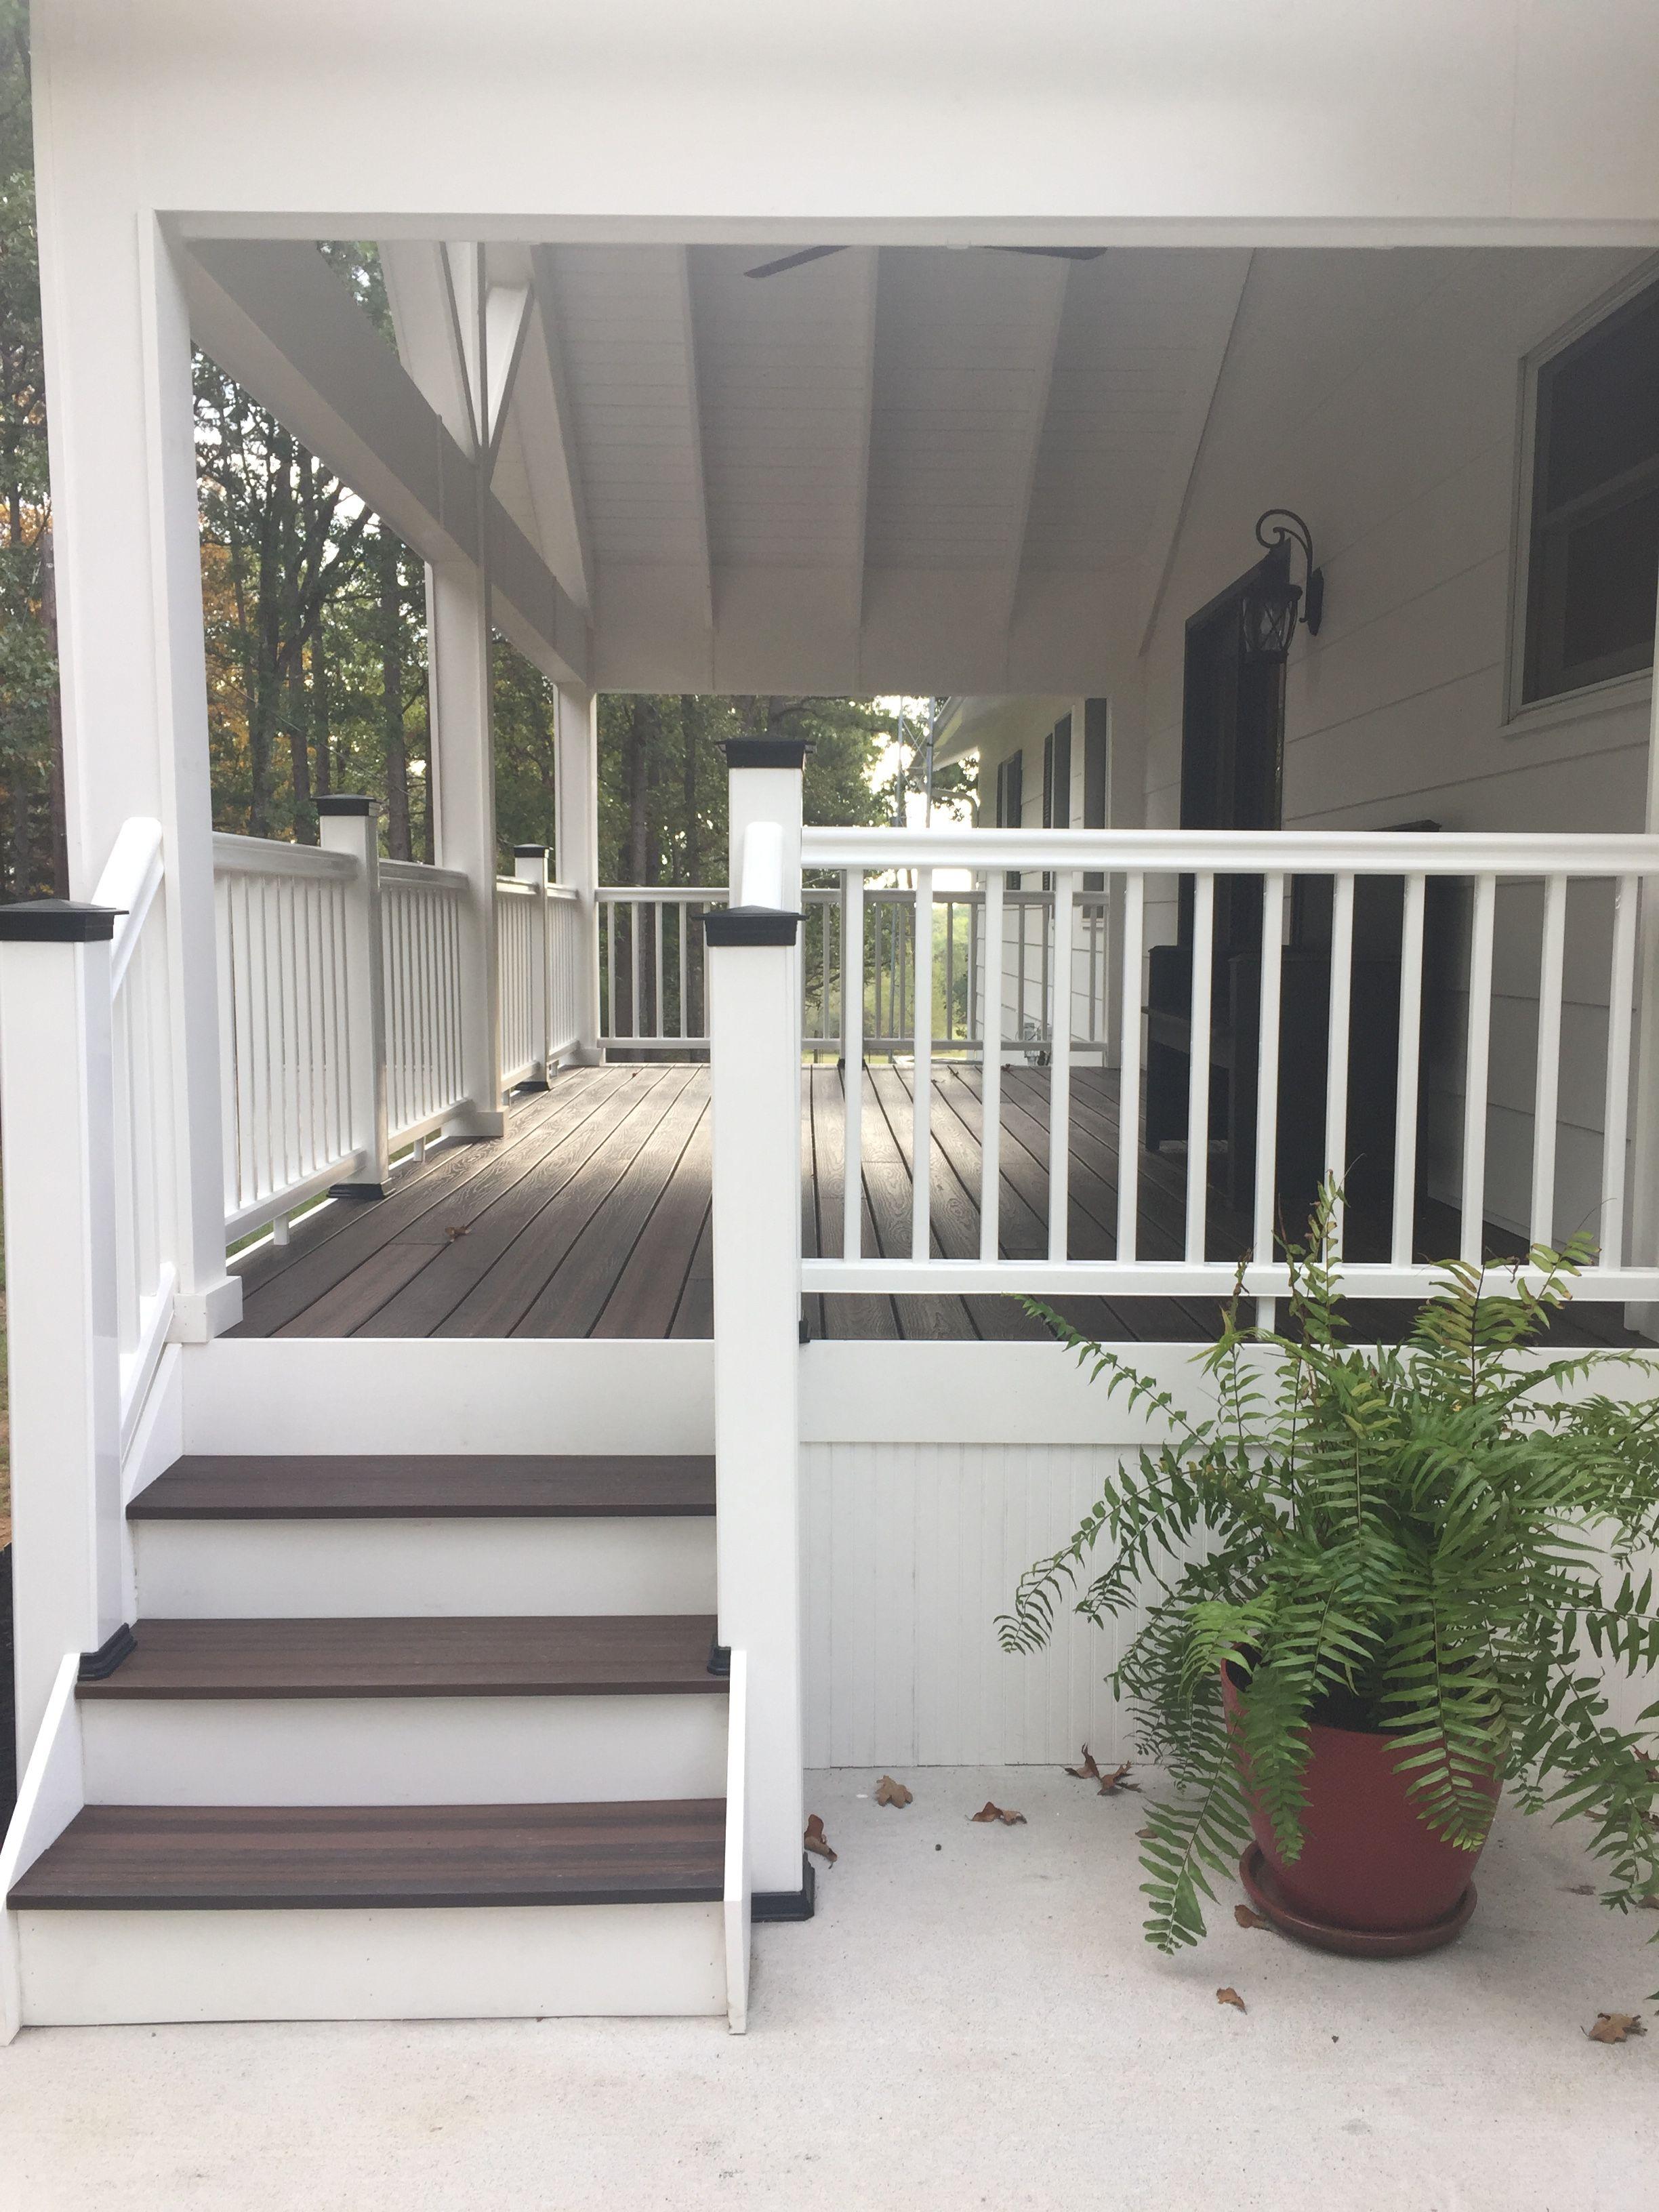 épinglé par Pam Mara sur Porch deck